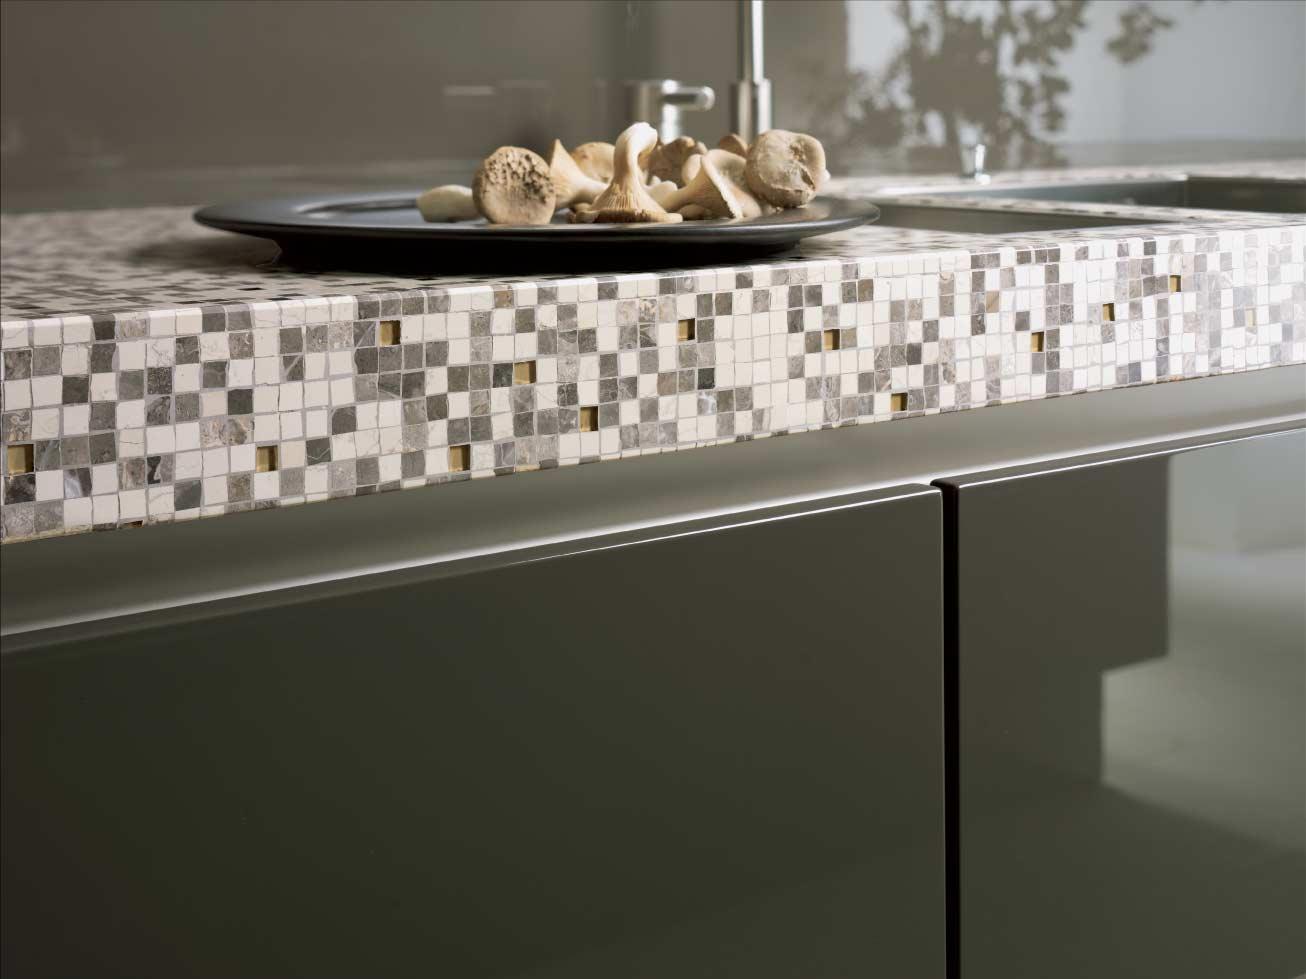 Küchenarbeitsplatte aus Mosaik